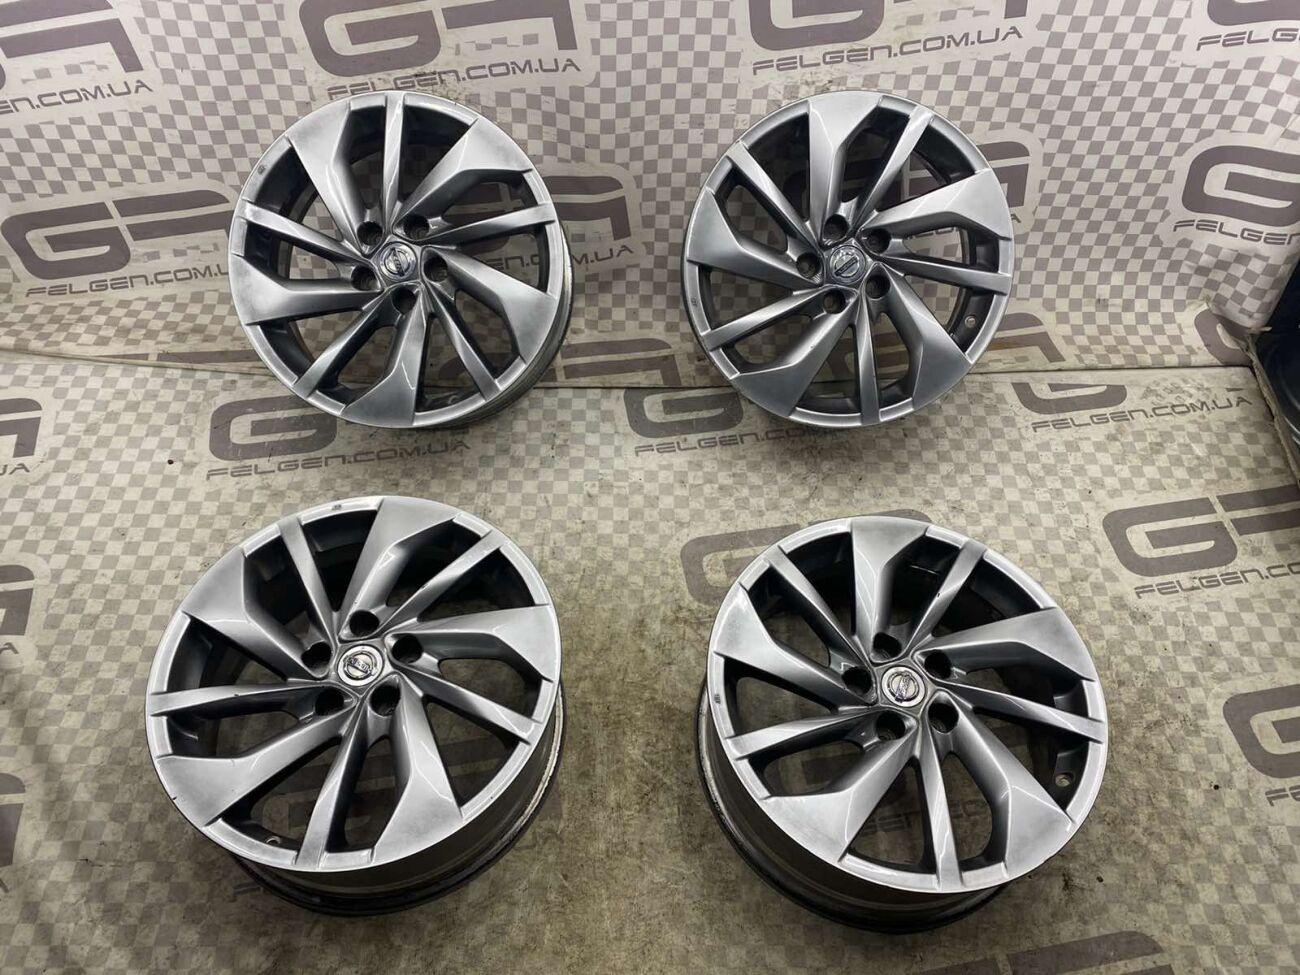 Оригинальные диски 18 5.114.3 на Nissan Pathfinder, X-Trail! G-Felgen